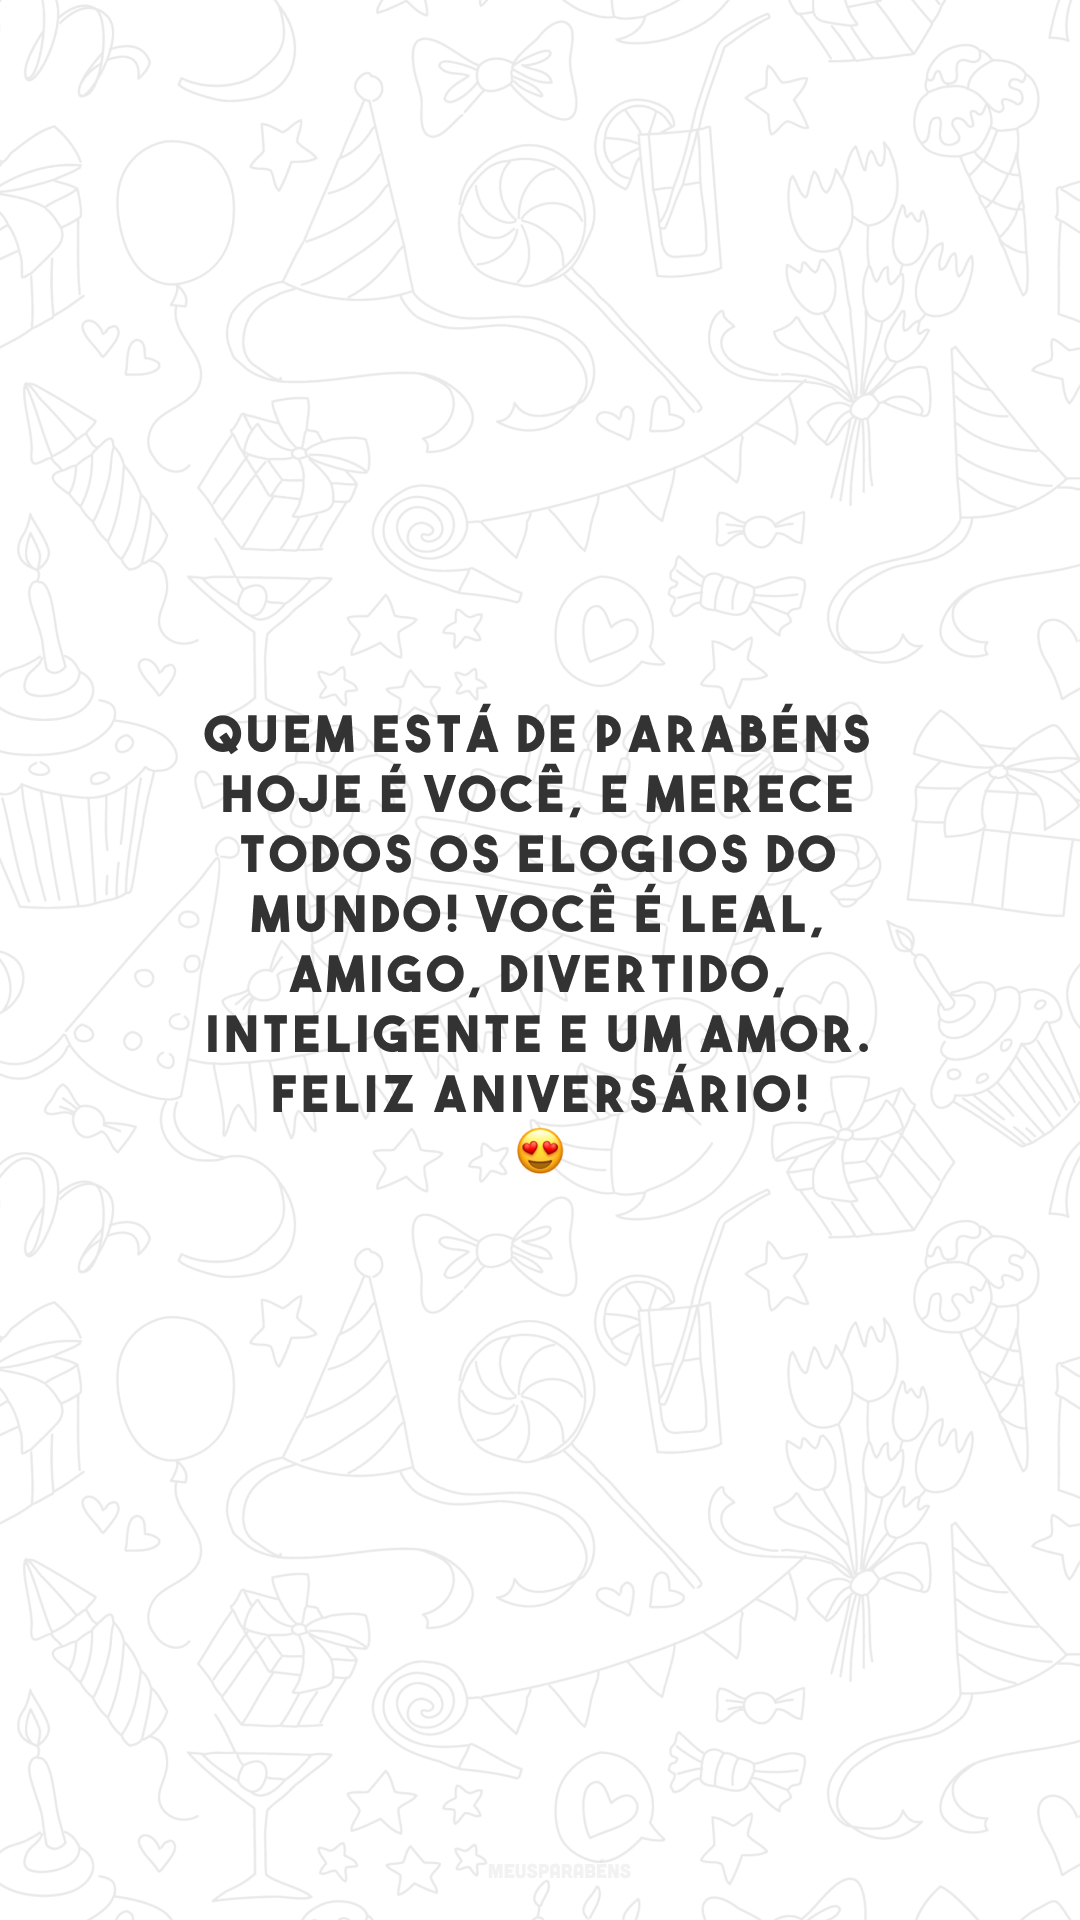 Quem está de parabéns hoje é você, e merece todos os elogios do mundo! Você é leal, amigo, divertido, inteligente e um amor. Feliz aniversário! 😍